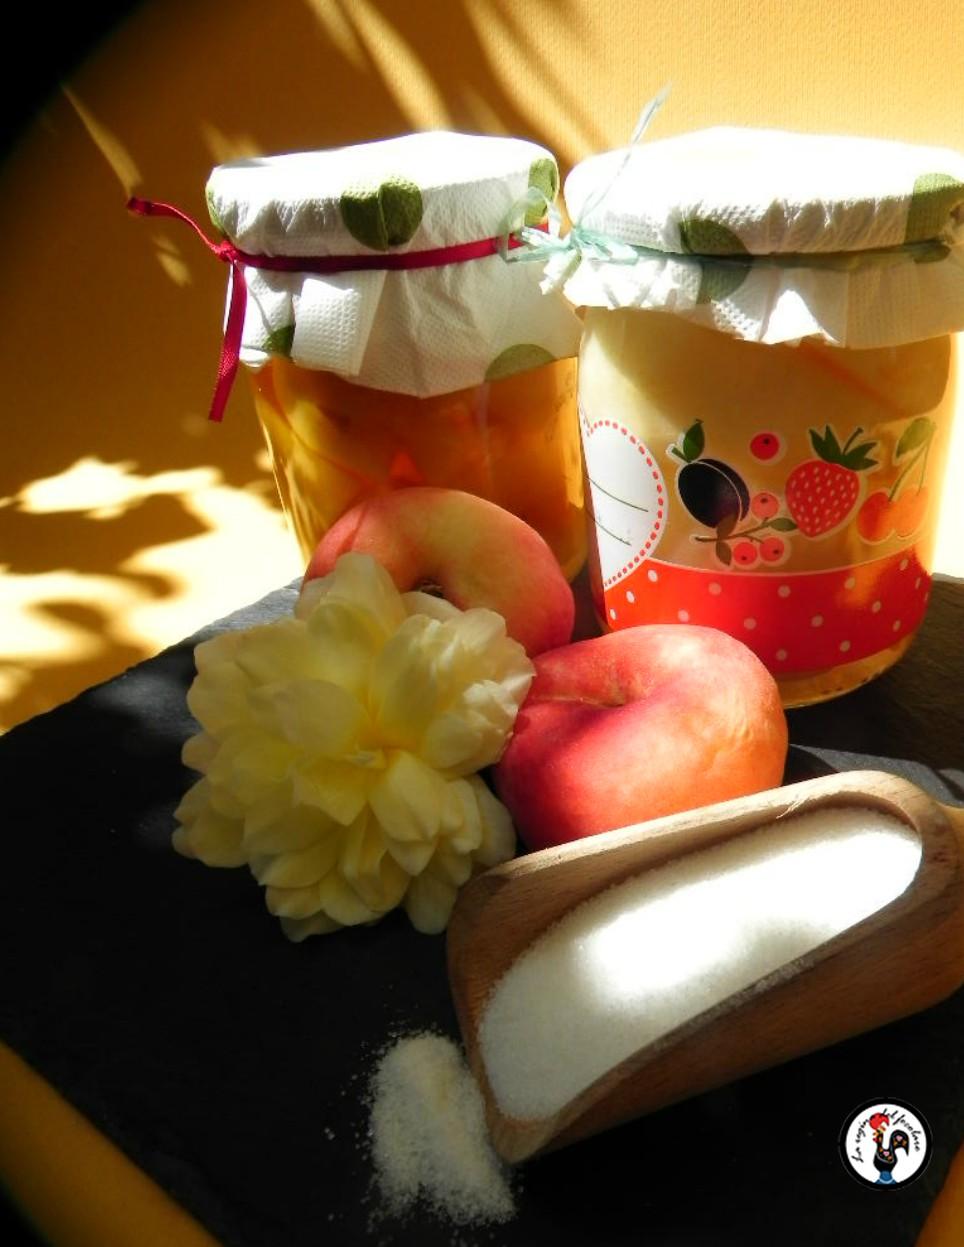 Frutta sciroppata, una ricetta antica